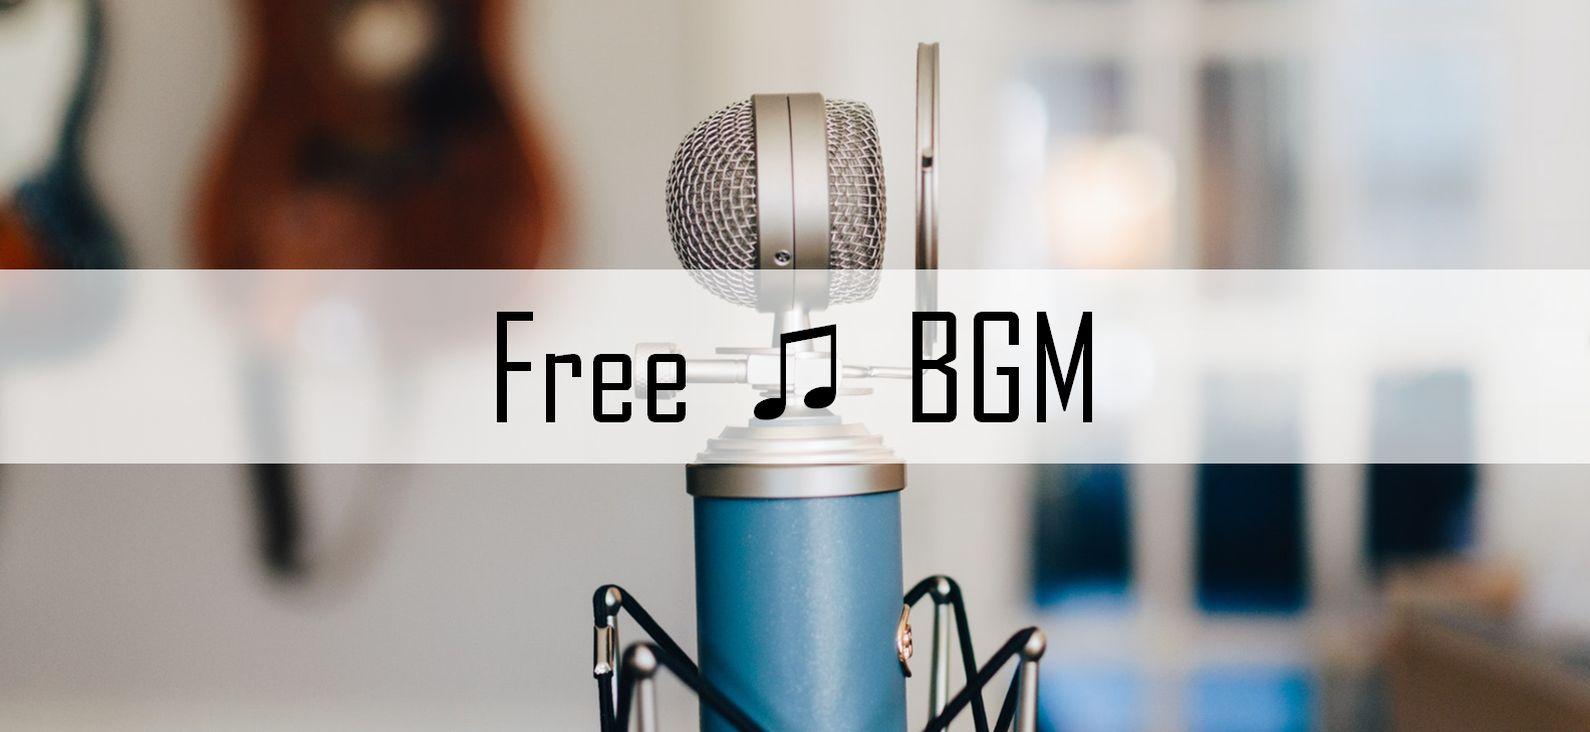 Free BGM